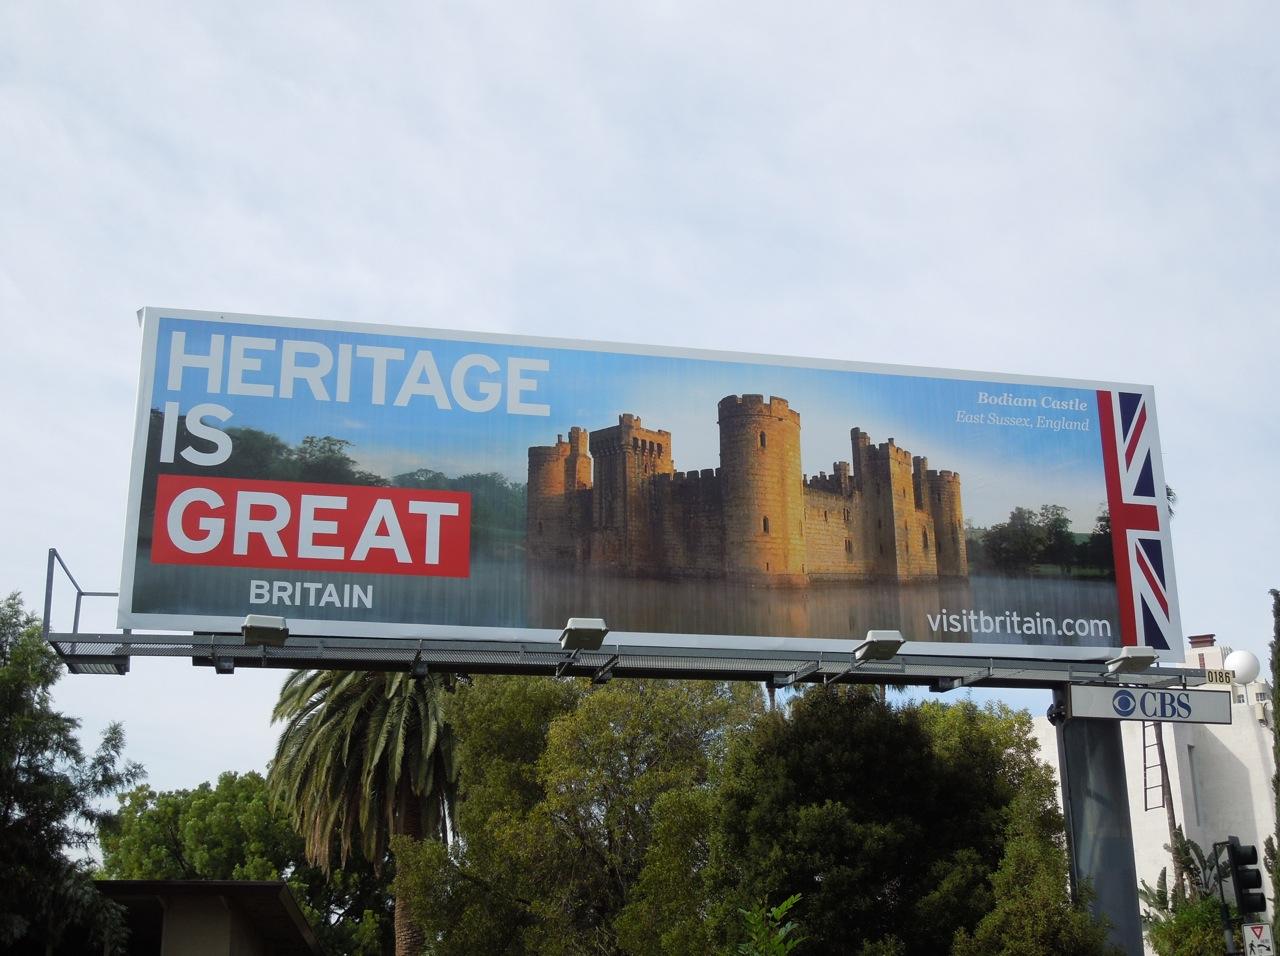 http://3.bp.blogspot.com/-WFBKHs-YCKI/T6F4fJz0C8I/AAAAAAAArAA/ib9I2f6UEU4/s1600/Heritage+is+great+advert.jpg